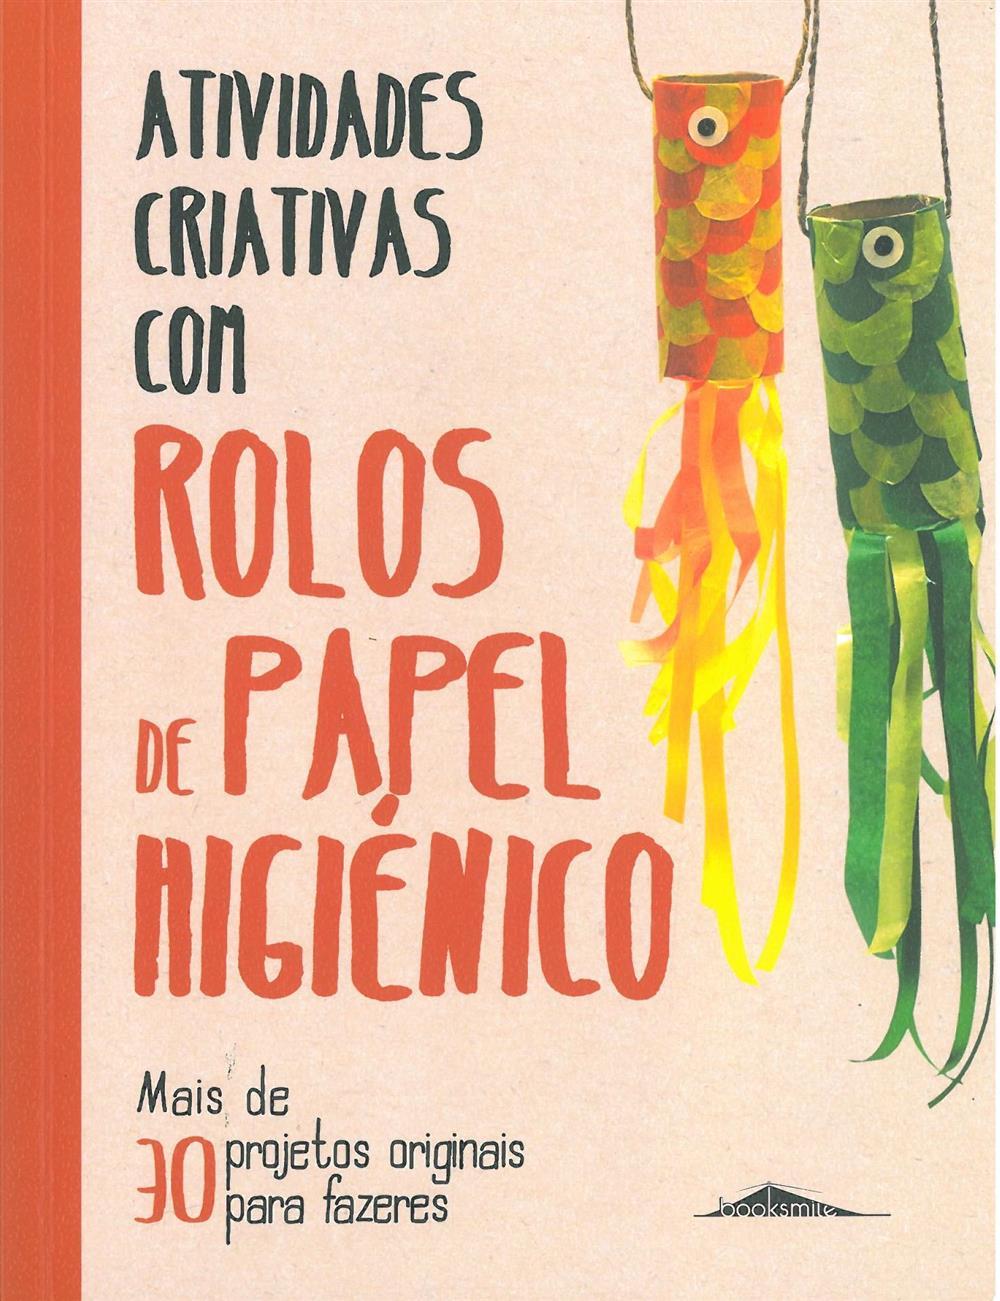 Atividades criativas com rolos de papel higiénico.jpg